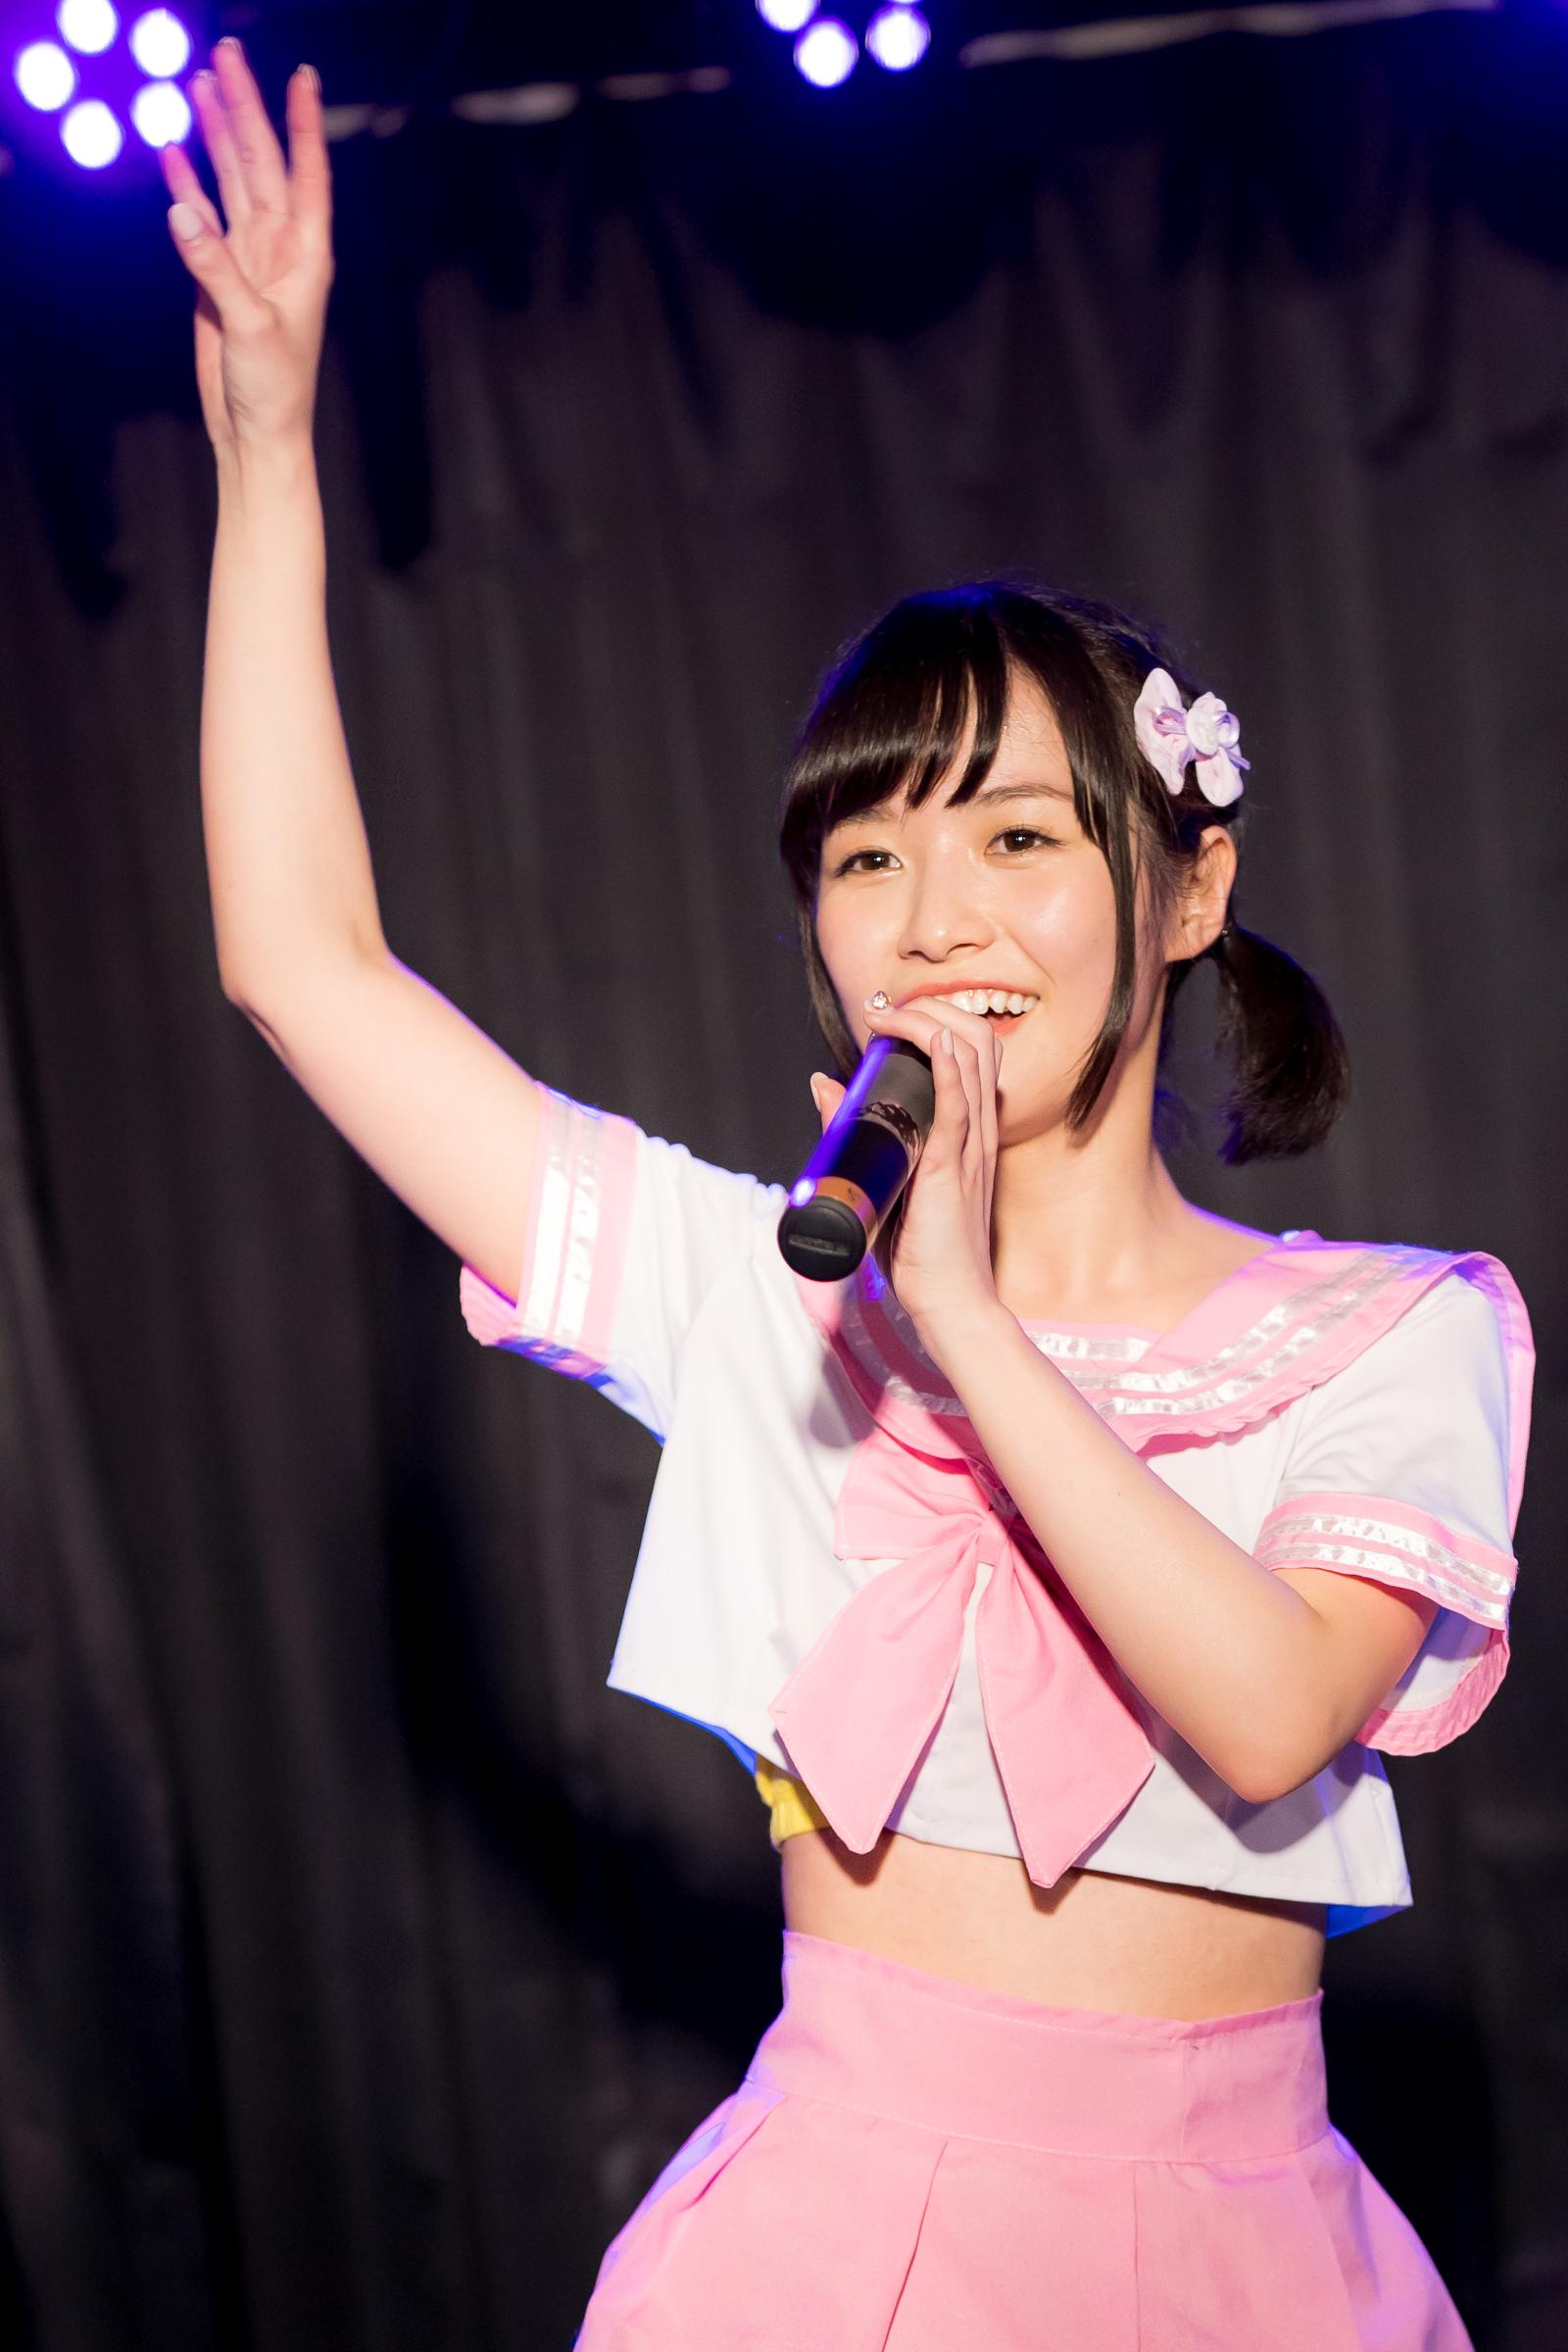 2代目HAPPY少女♪ みっちょ ( 本田みく ) | イベントお疲れ様でした!イベント